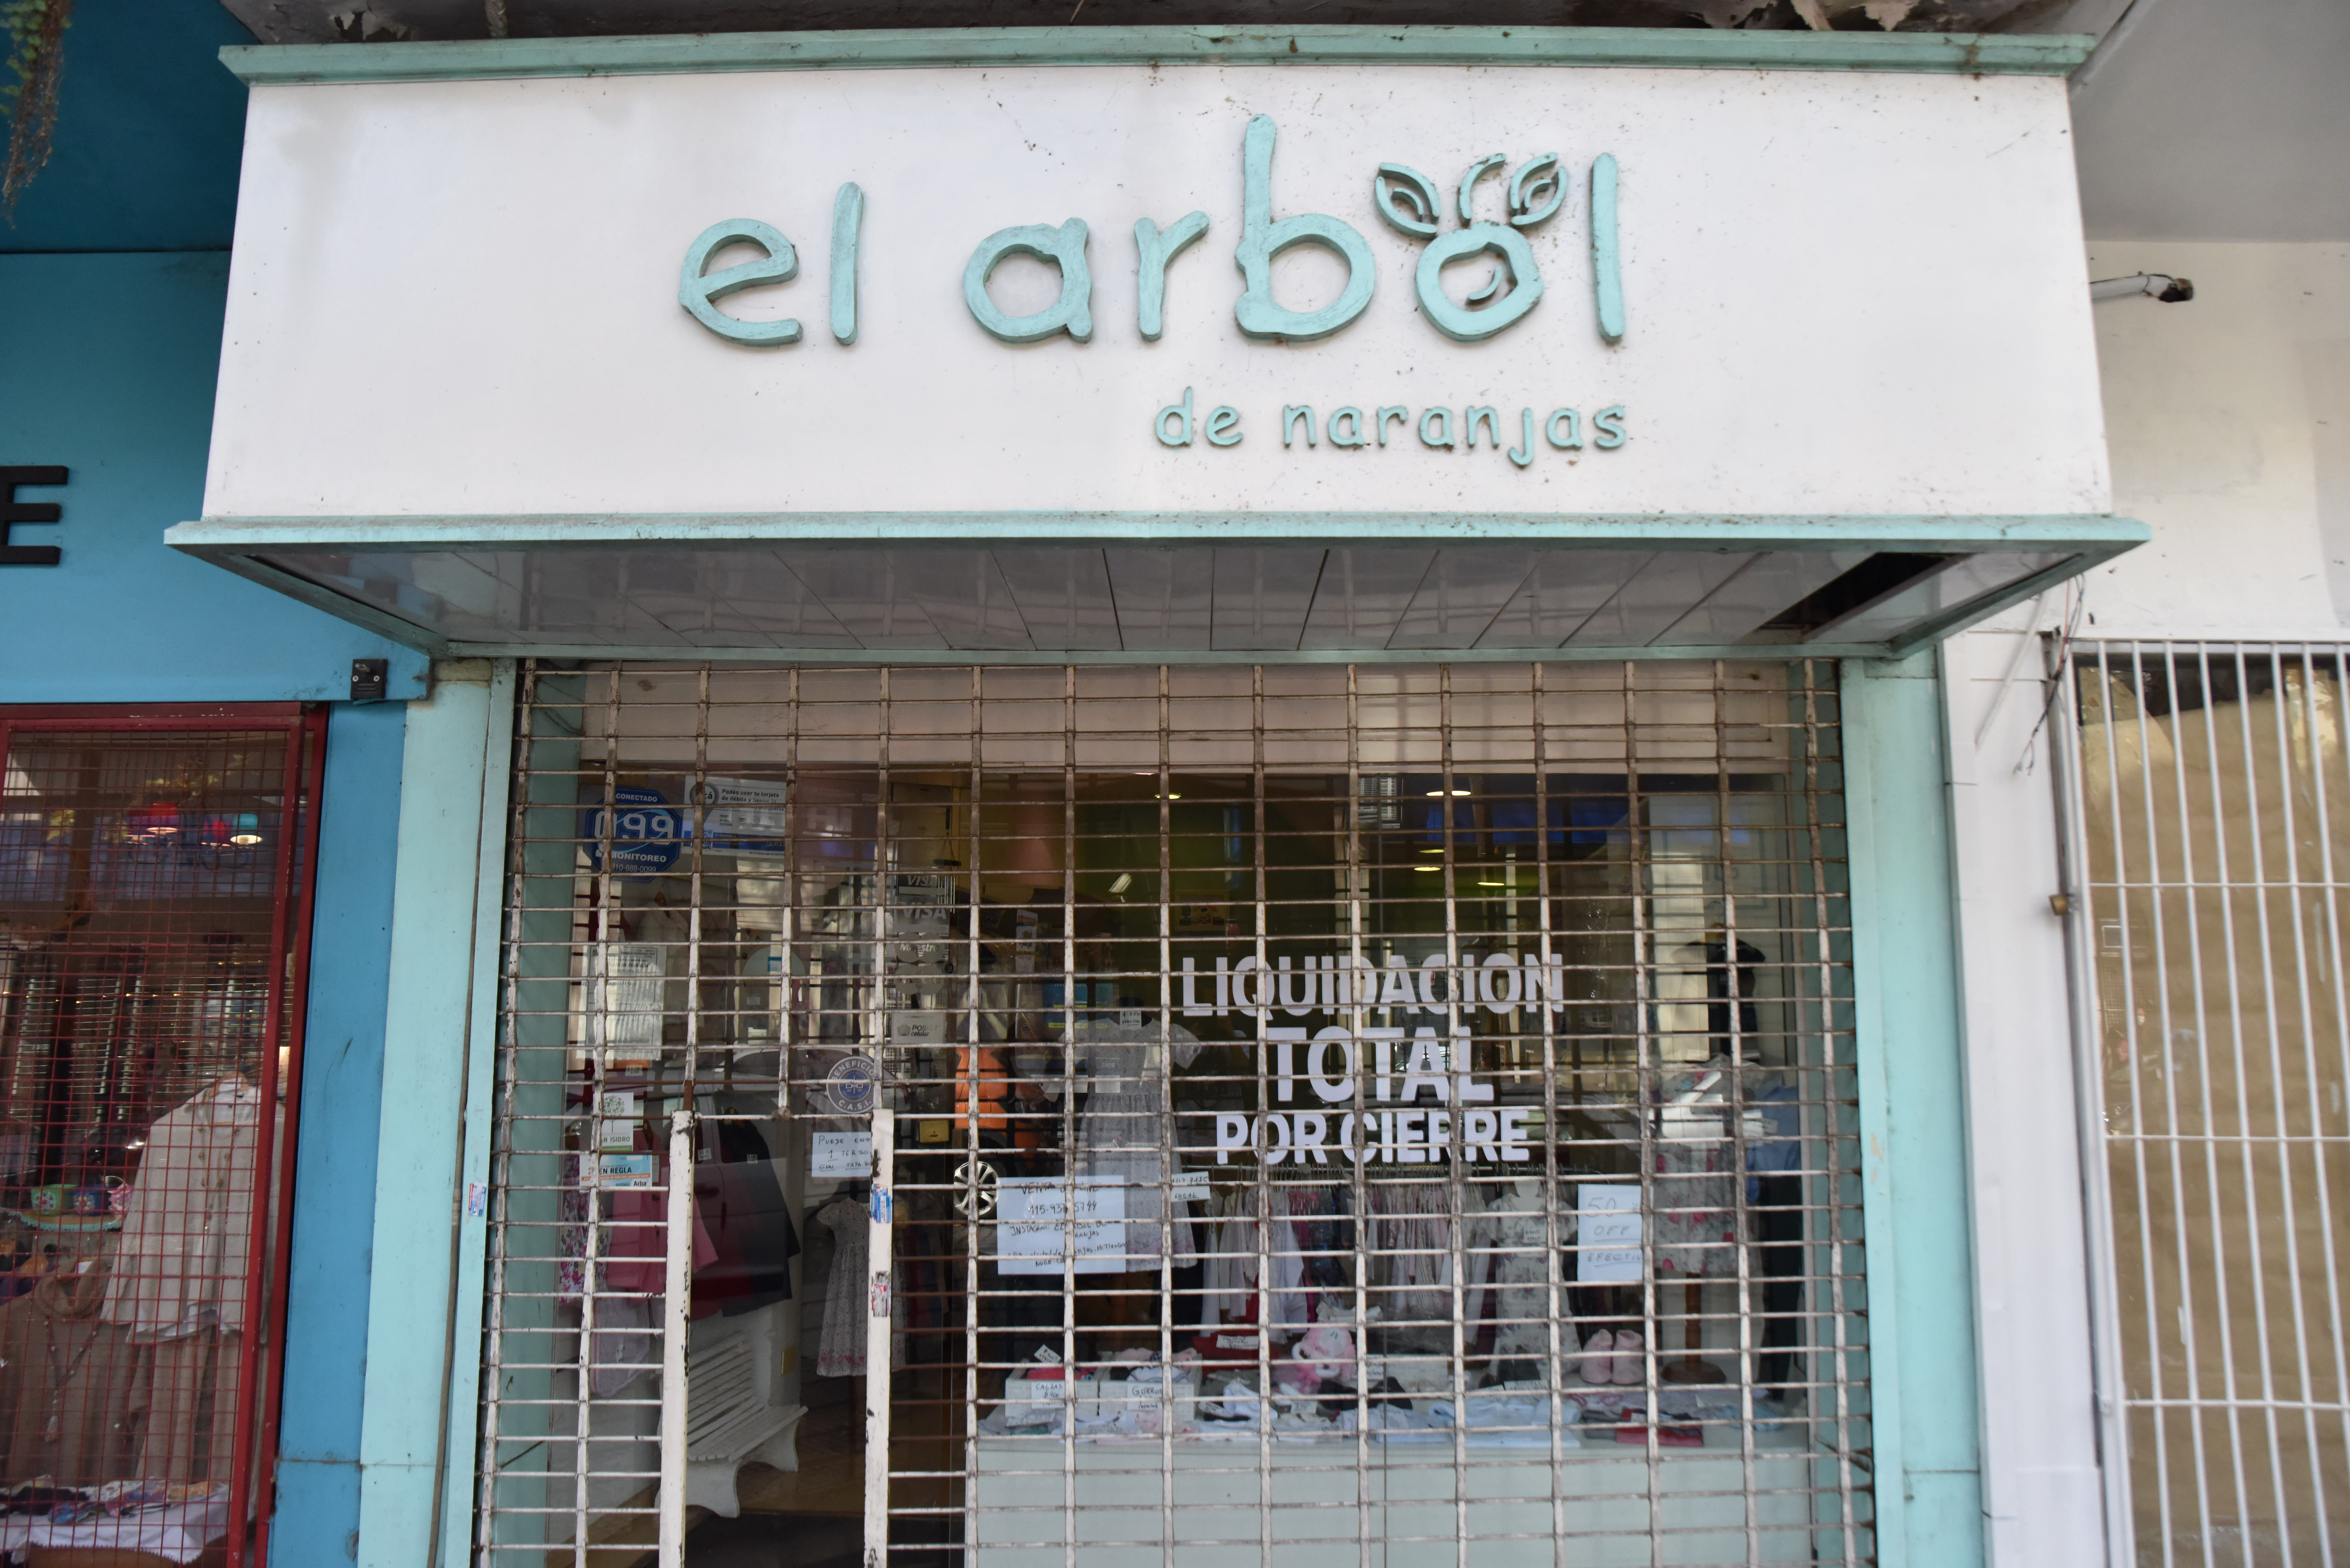 Local ubicado sobre la calle Capitán Garrido en San Isidro